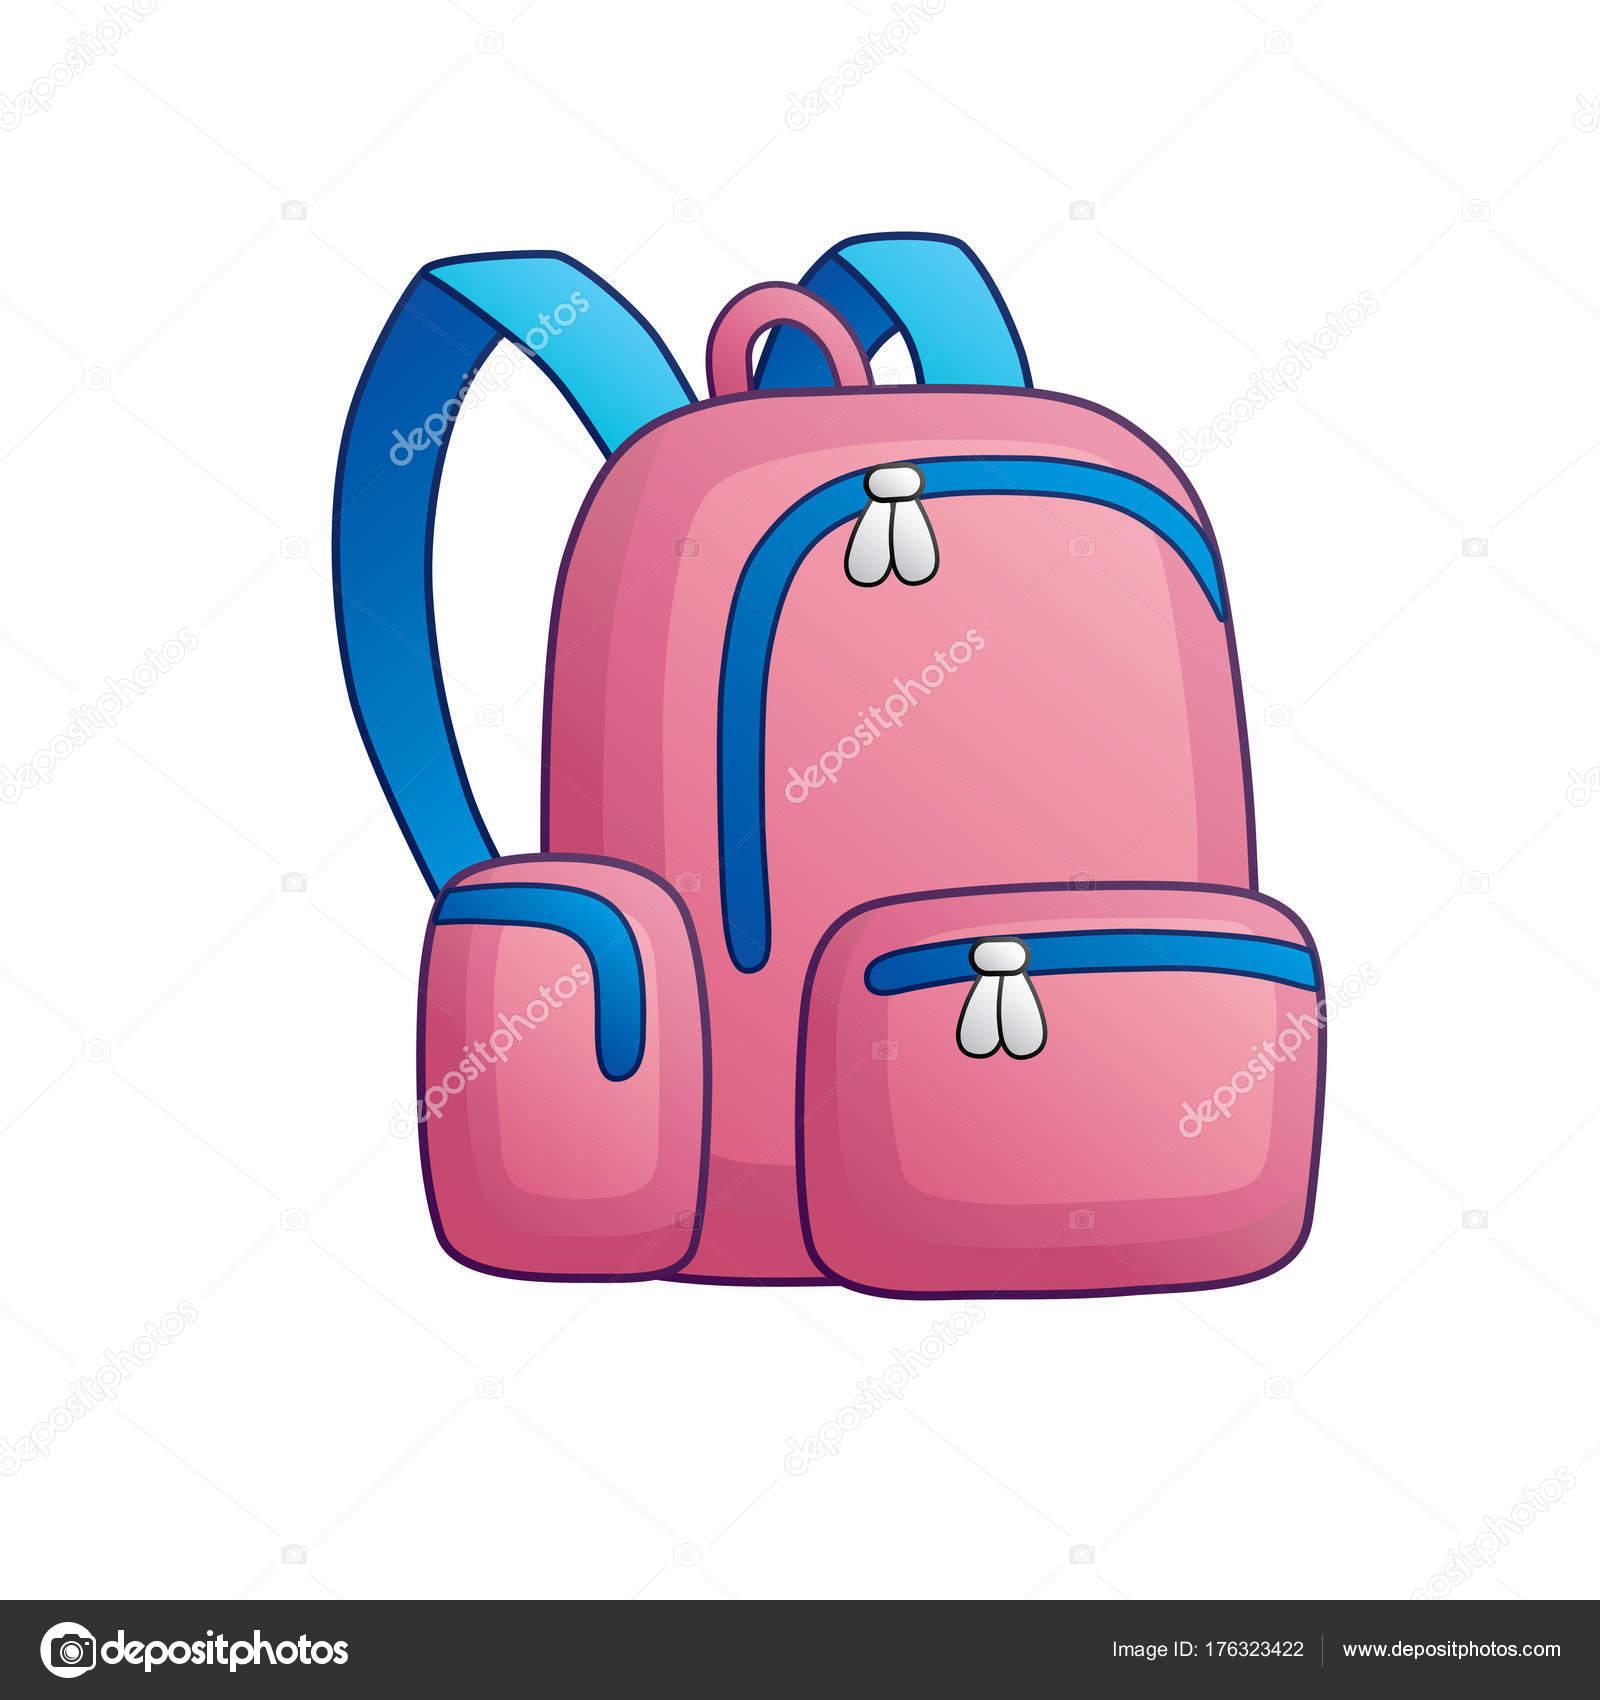 304afae65c9 Ροζ Σακίδιο Σχολική Τσάντα Απομονωμένες — Διανυσματικό Αρχείο ...